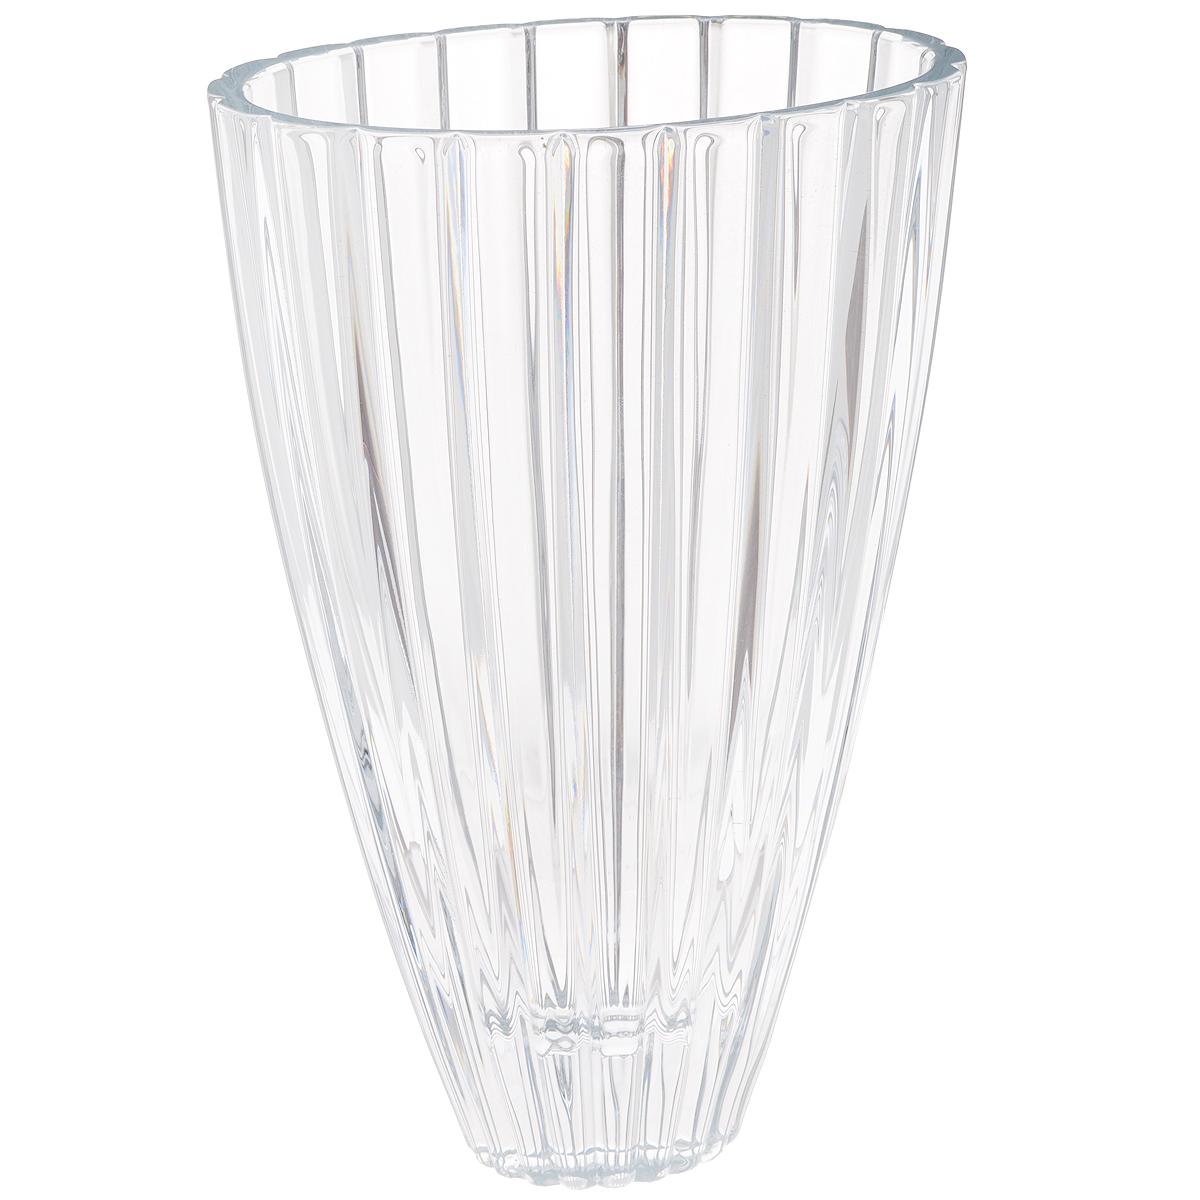 Ваза Crystalite Bohemia Овал, высота 30,5 см ваза crystalite bohemia вулкано 30см кристалайт